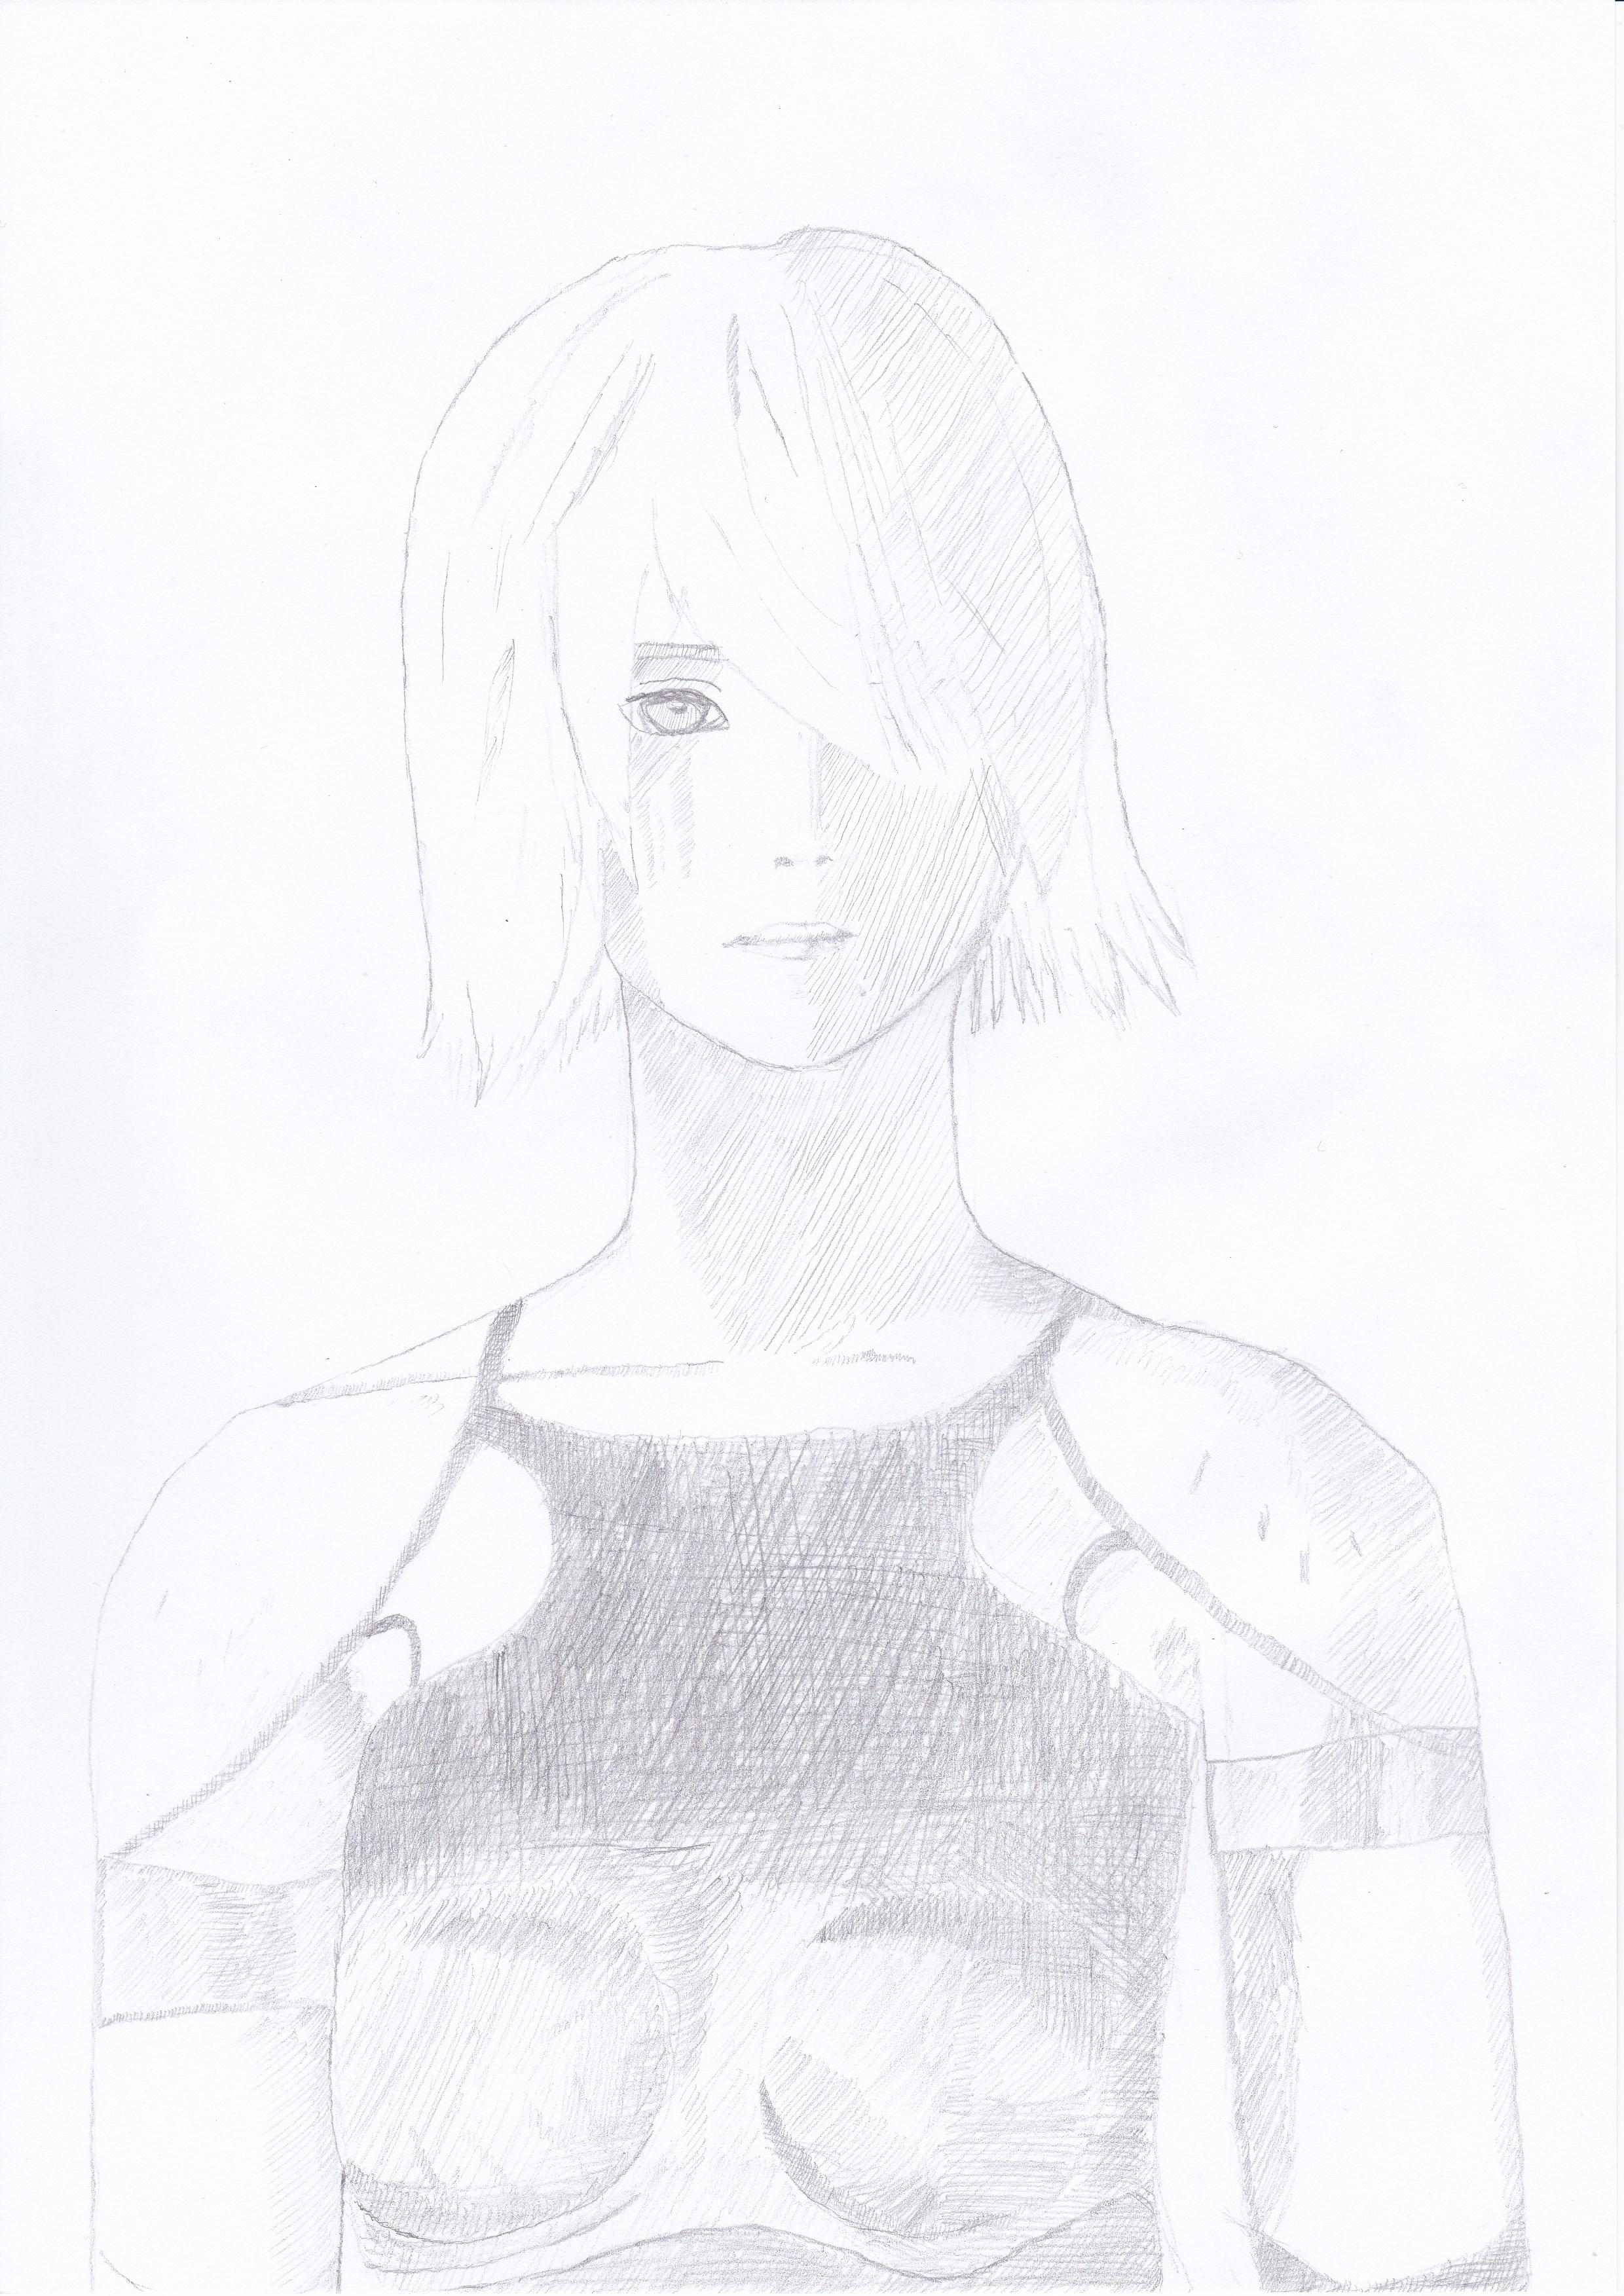 NieR Automata Pencil Drawing